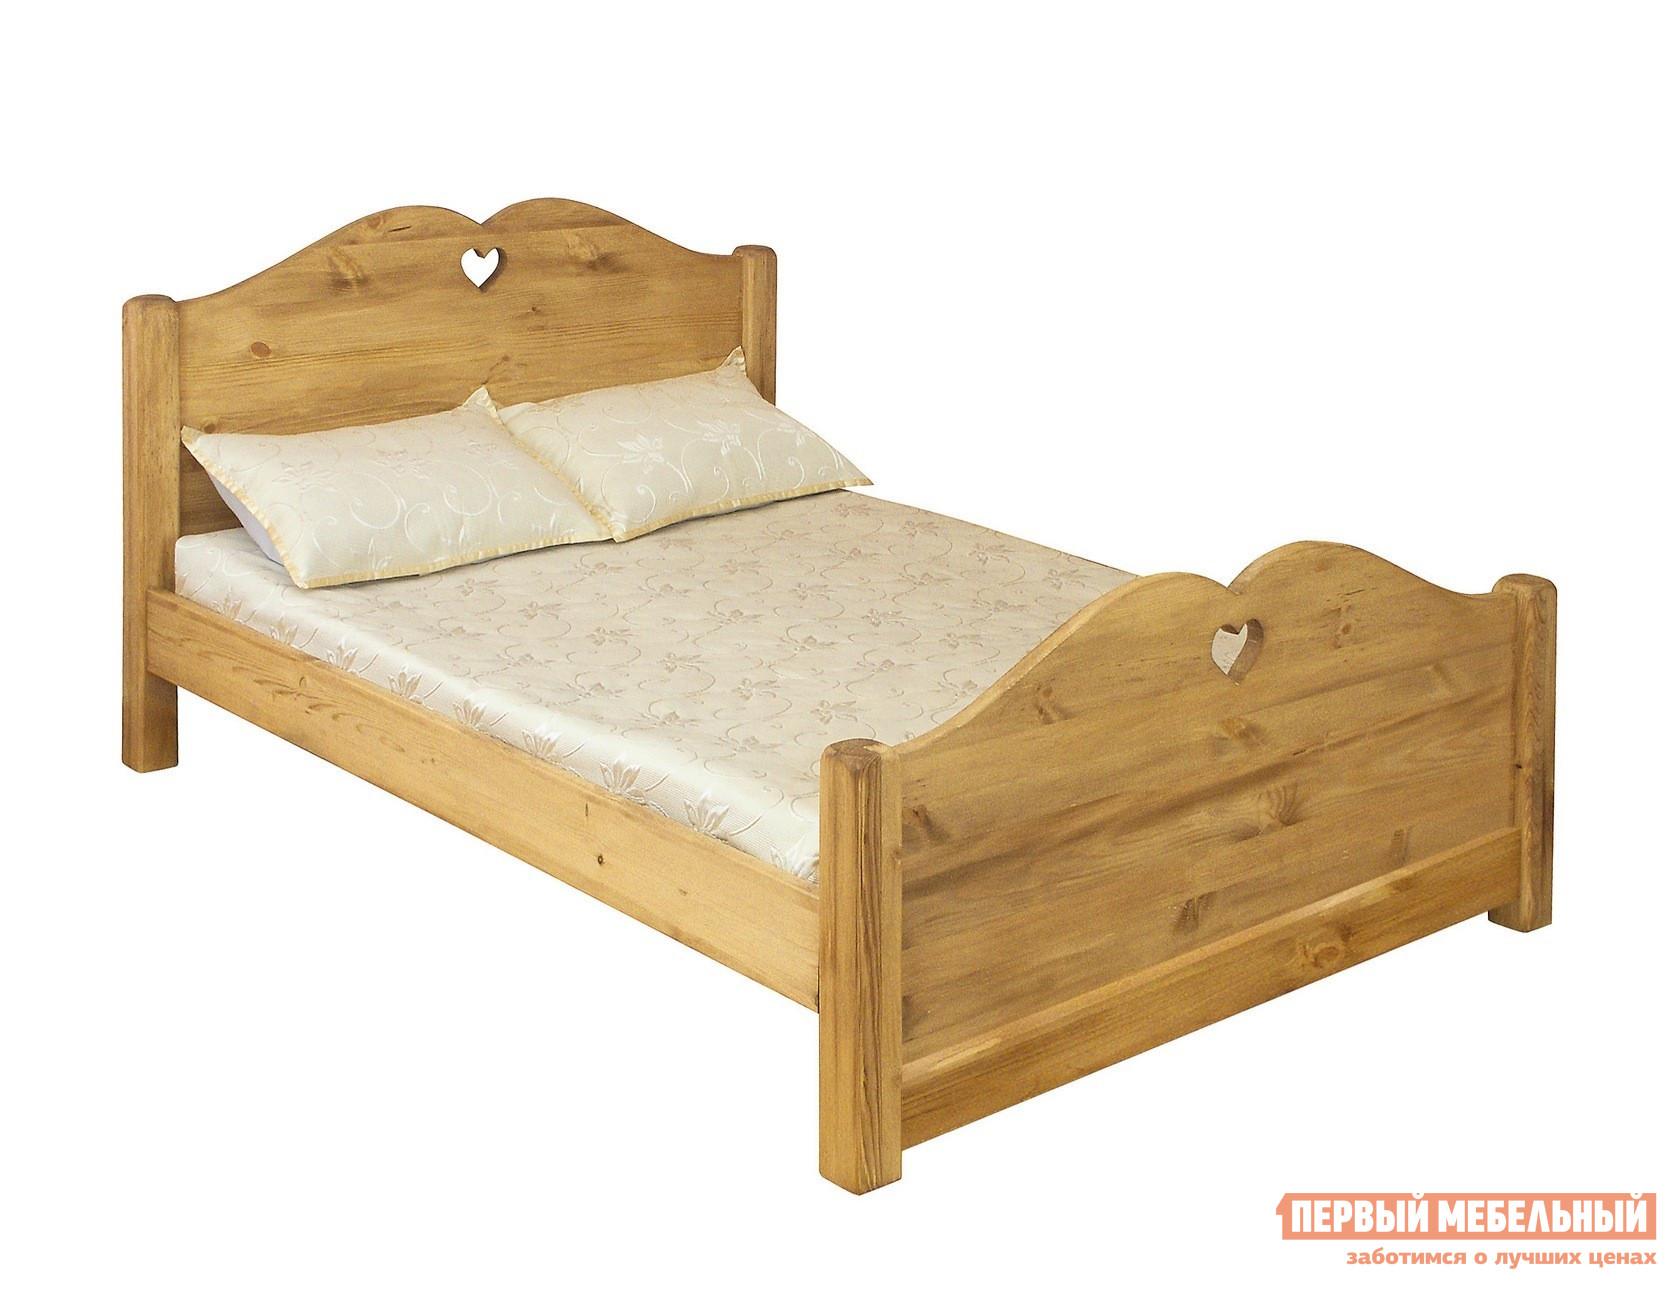 Двуспальная кровать из массива дерева Волшебная сосна LIT COEUR 140 (LCOEUR 140) / LIT COEUR 160 (LCOEUR 160) кровать из массива дерева livable small towns